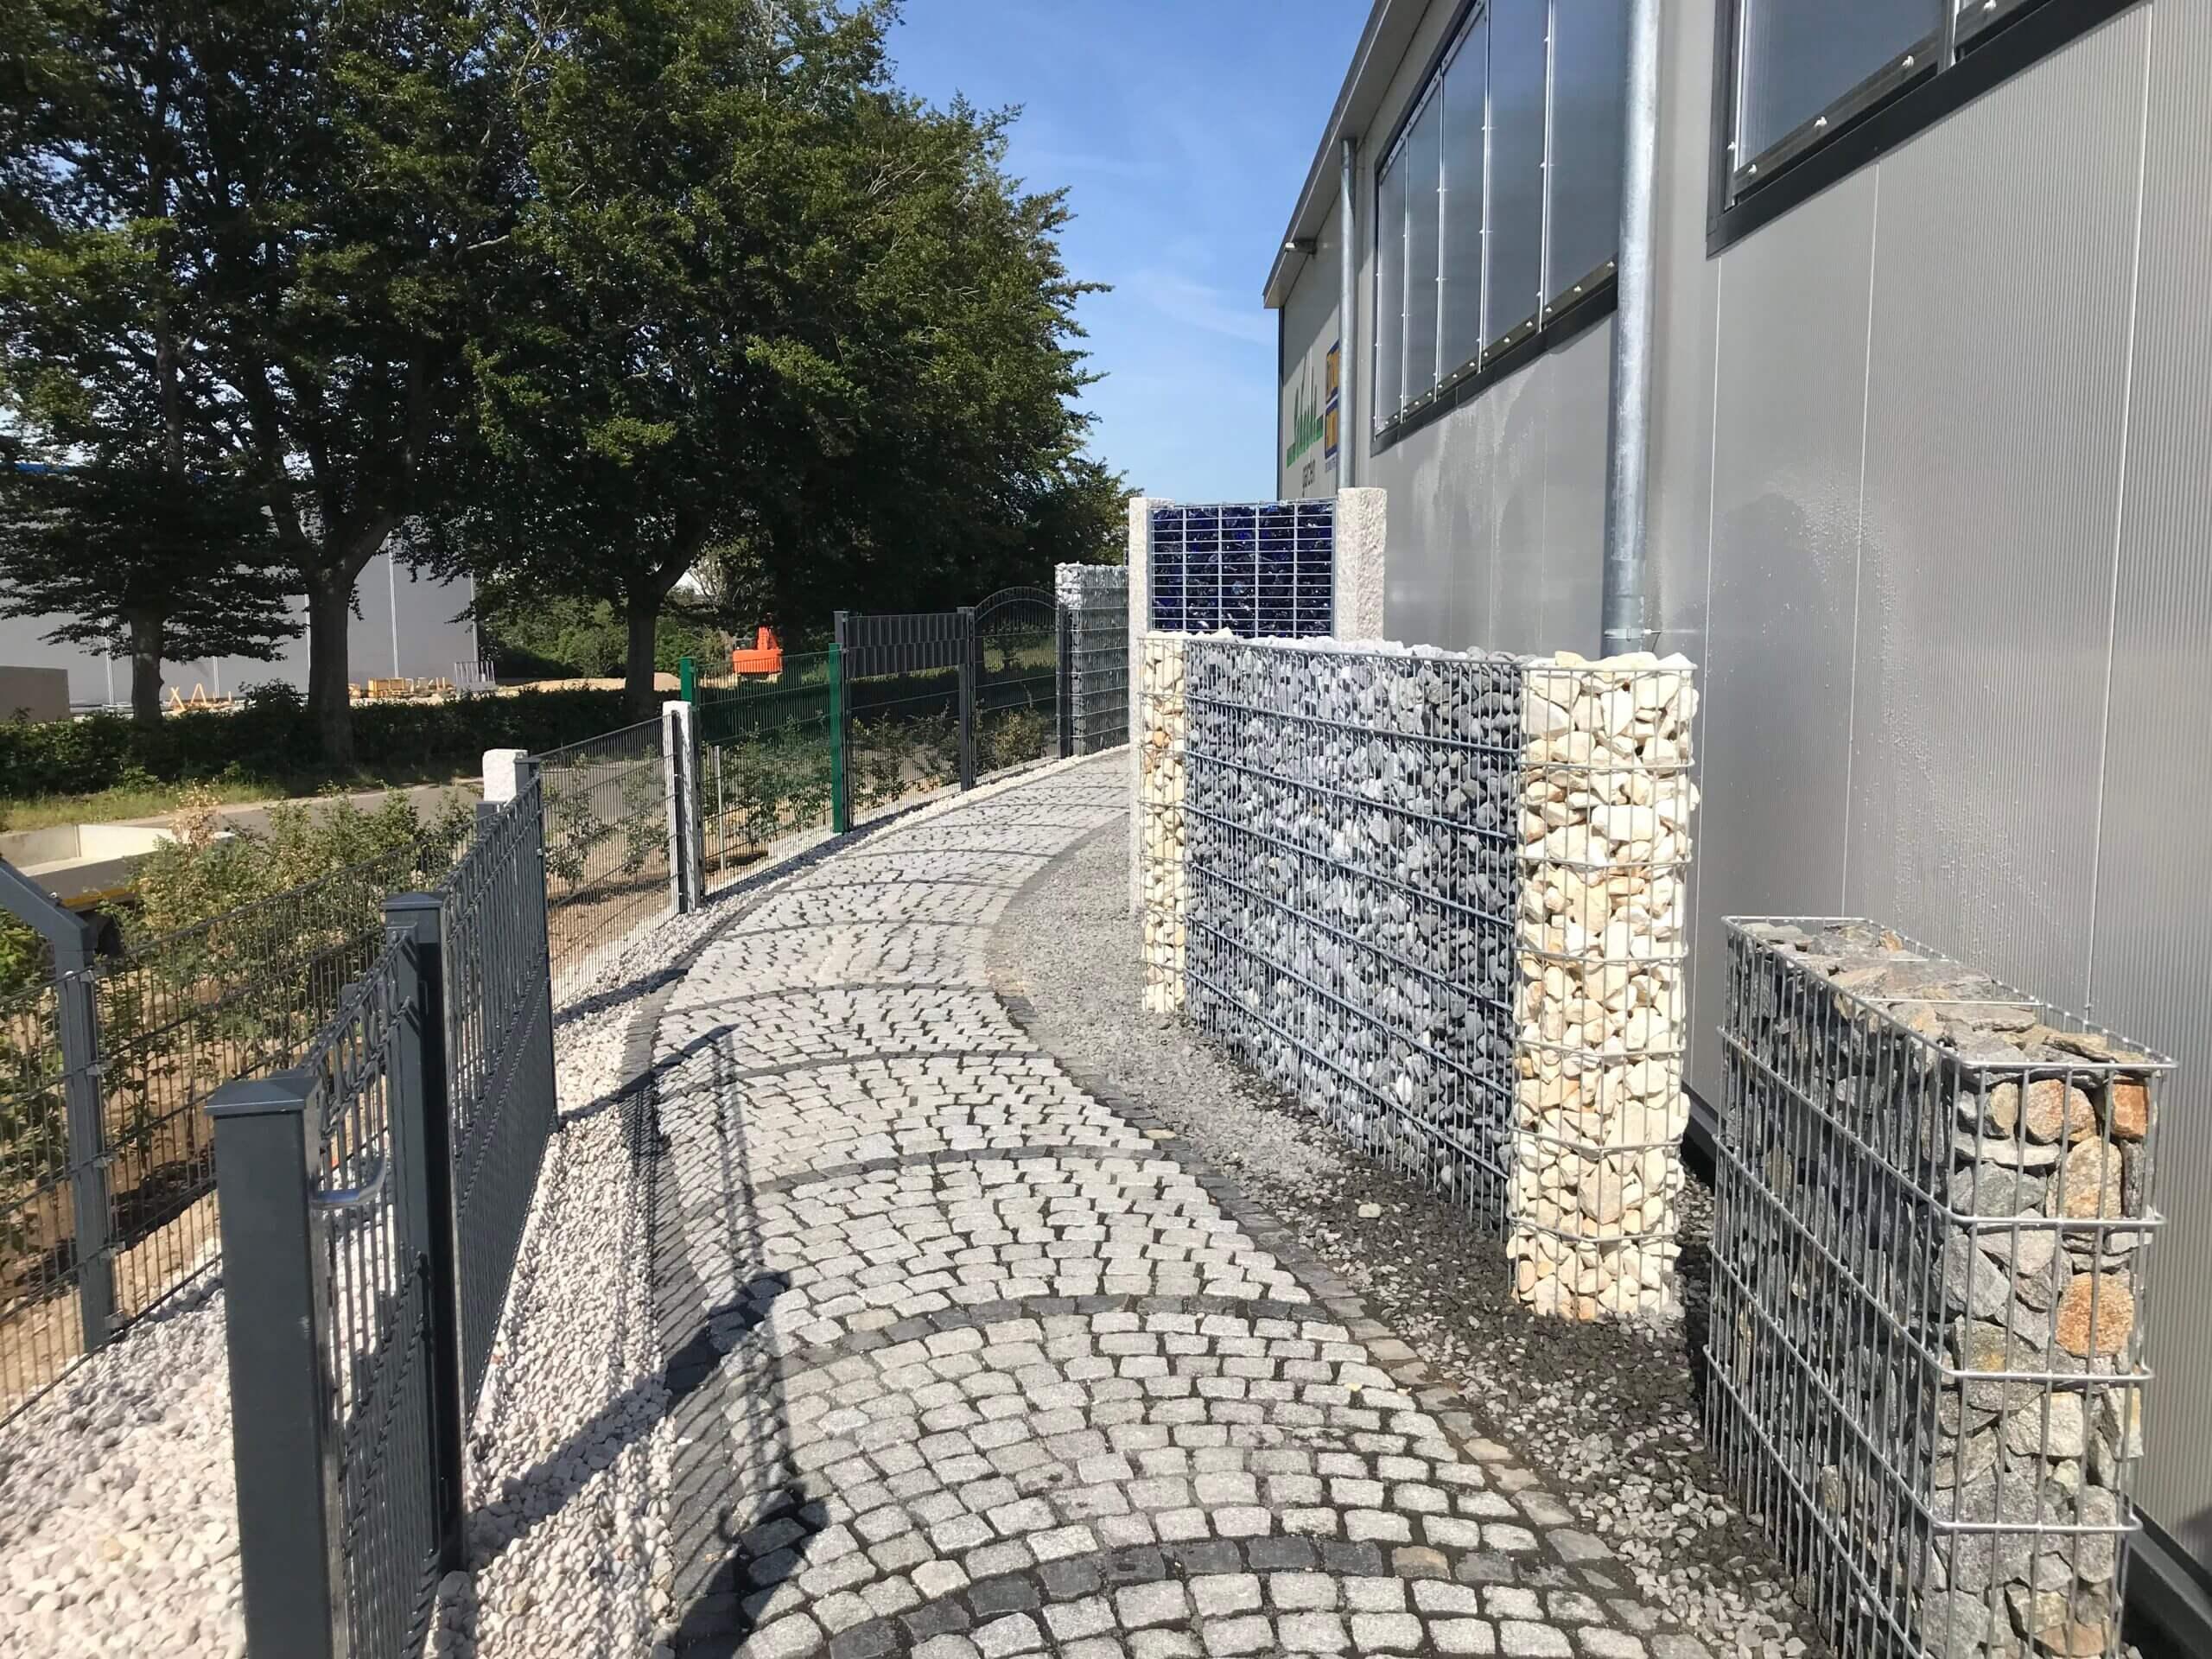 Schacht garden 24h Zaunausstellung in Rollesbroich